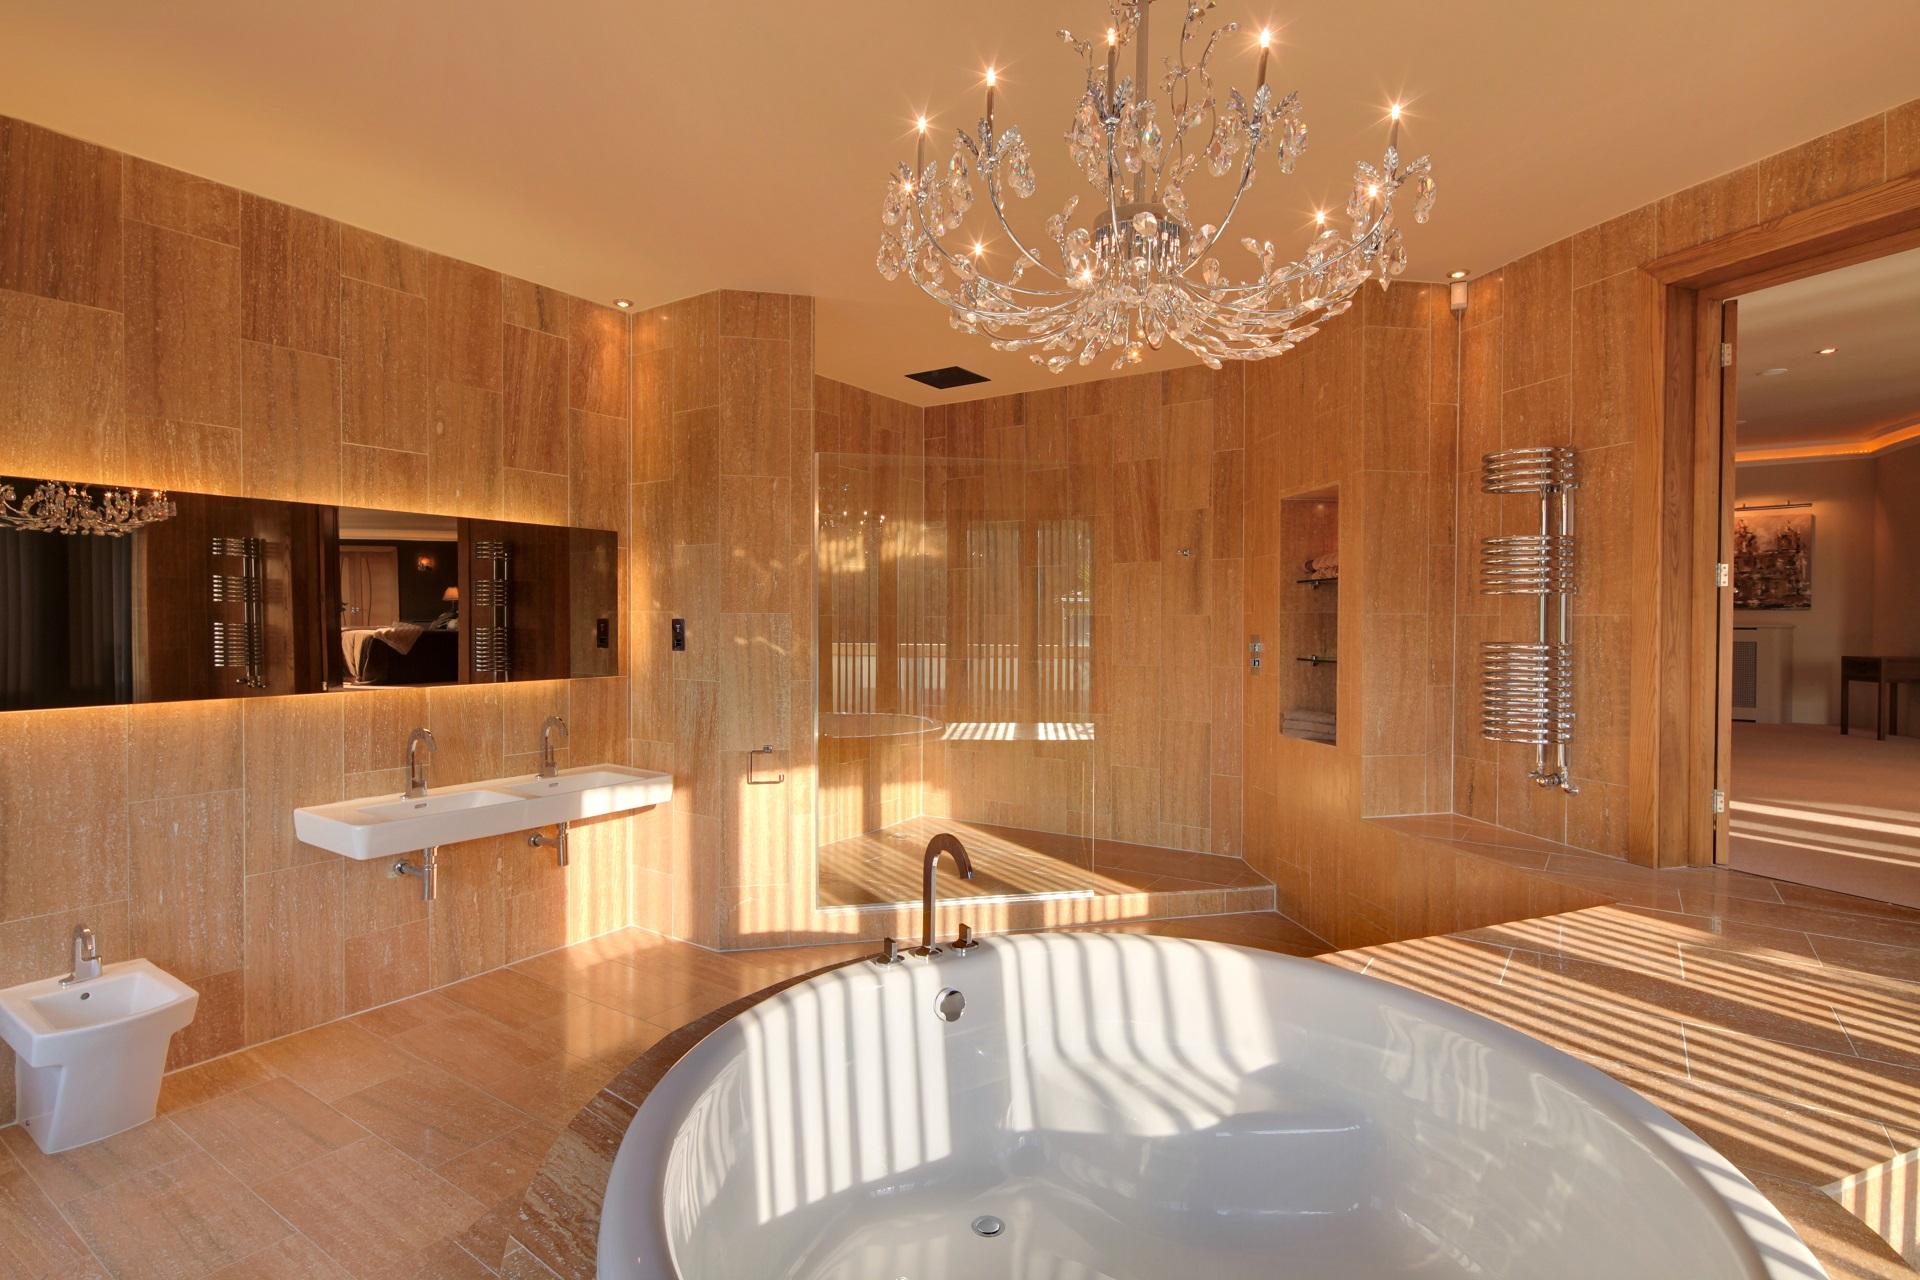 circular, in set bath tub. Hall View by Guy Phoenix